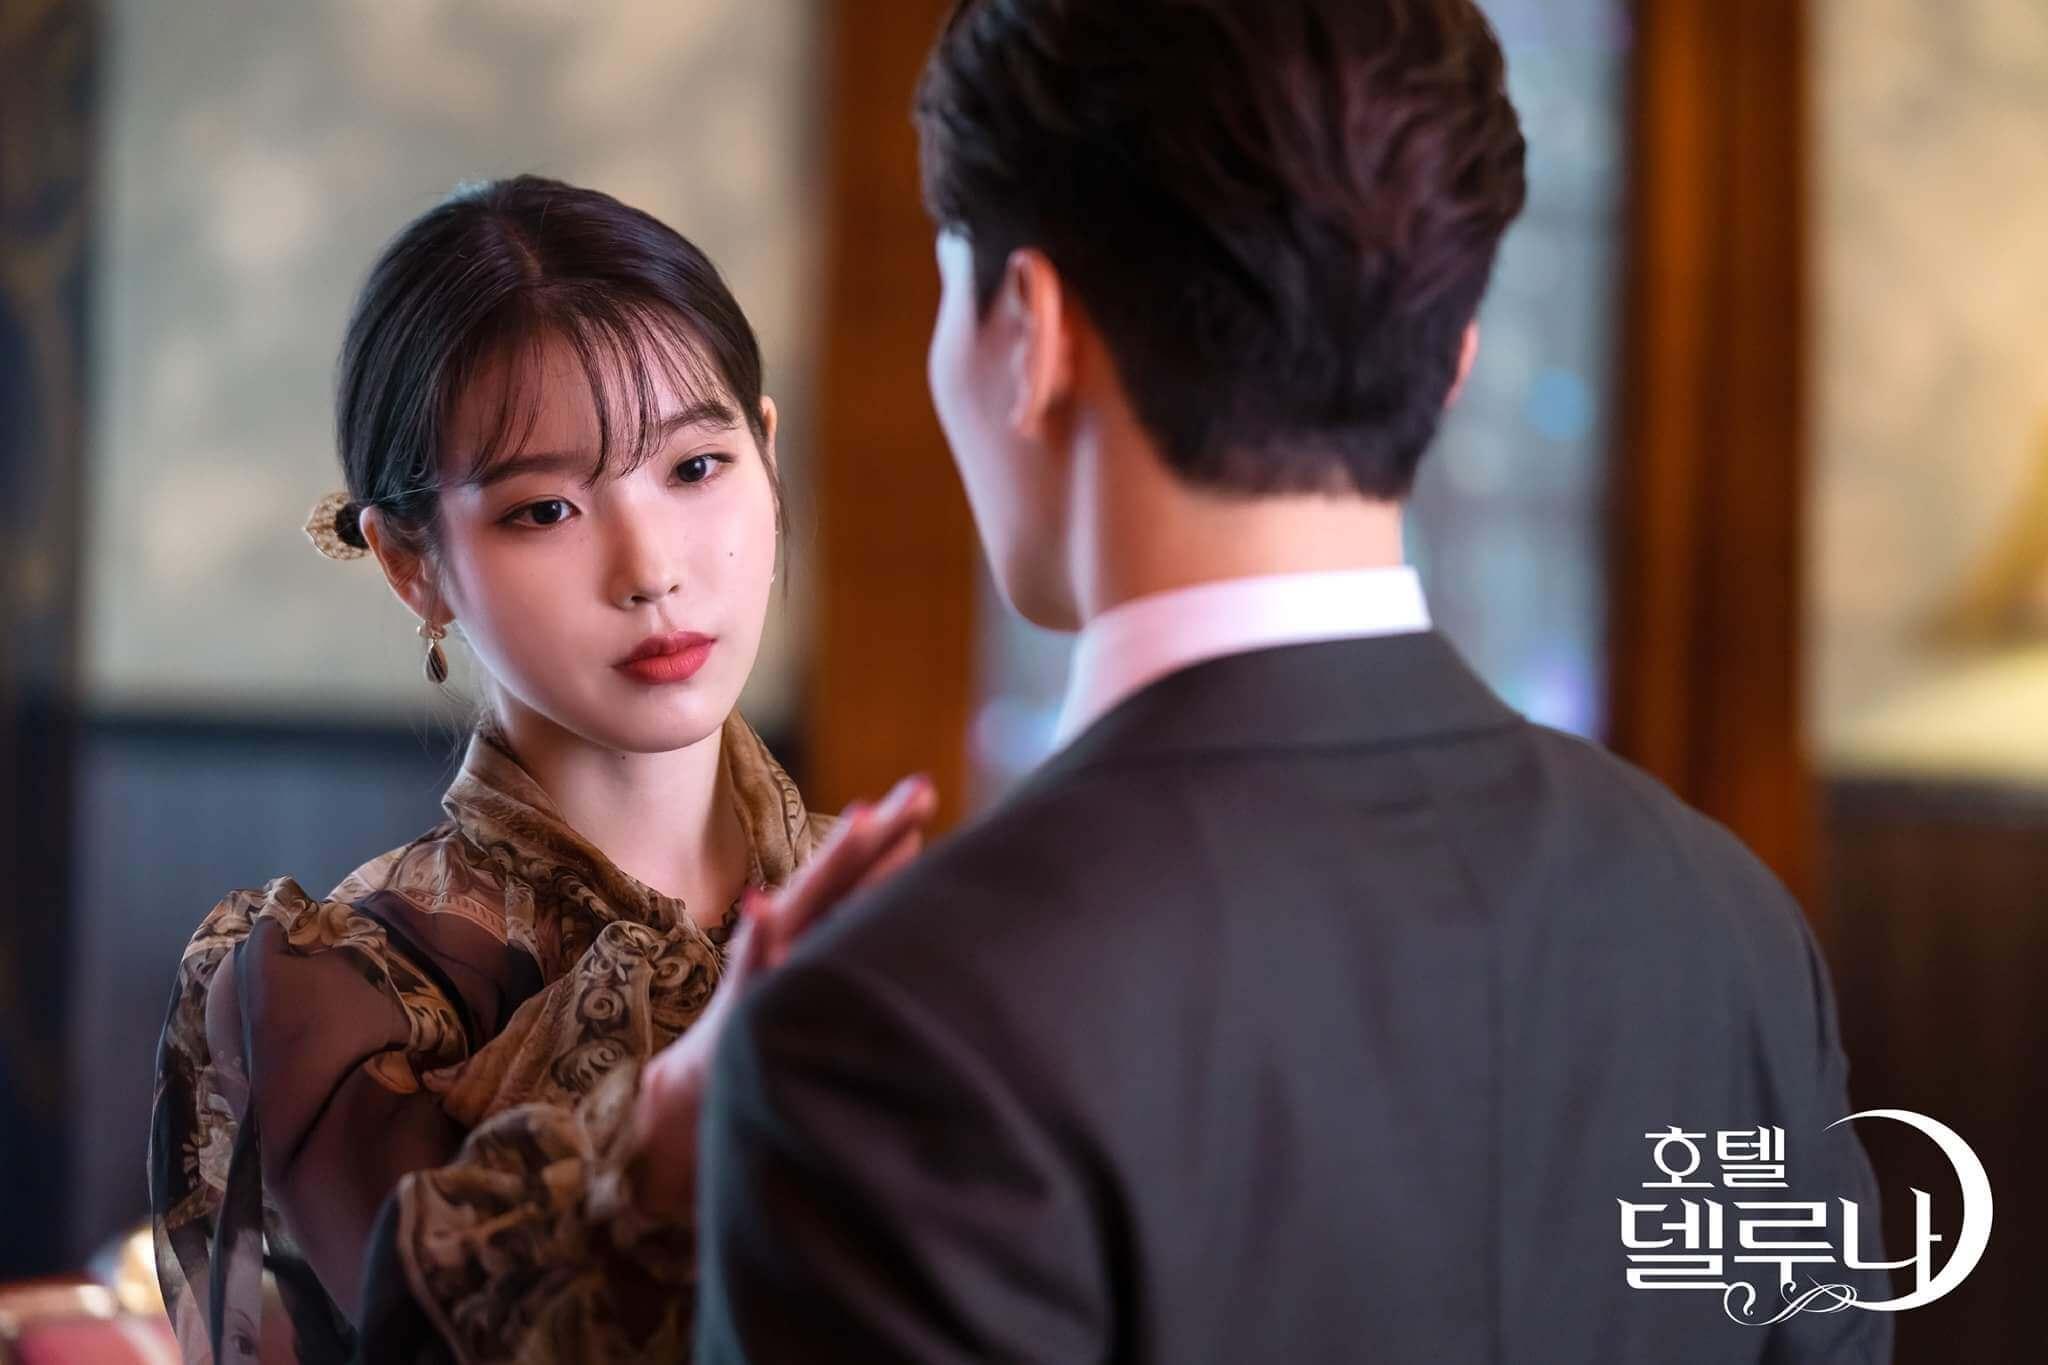 不知道新劇中,IU和呂珍九會擦出怎樣的火花?